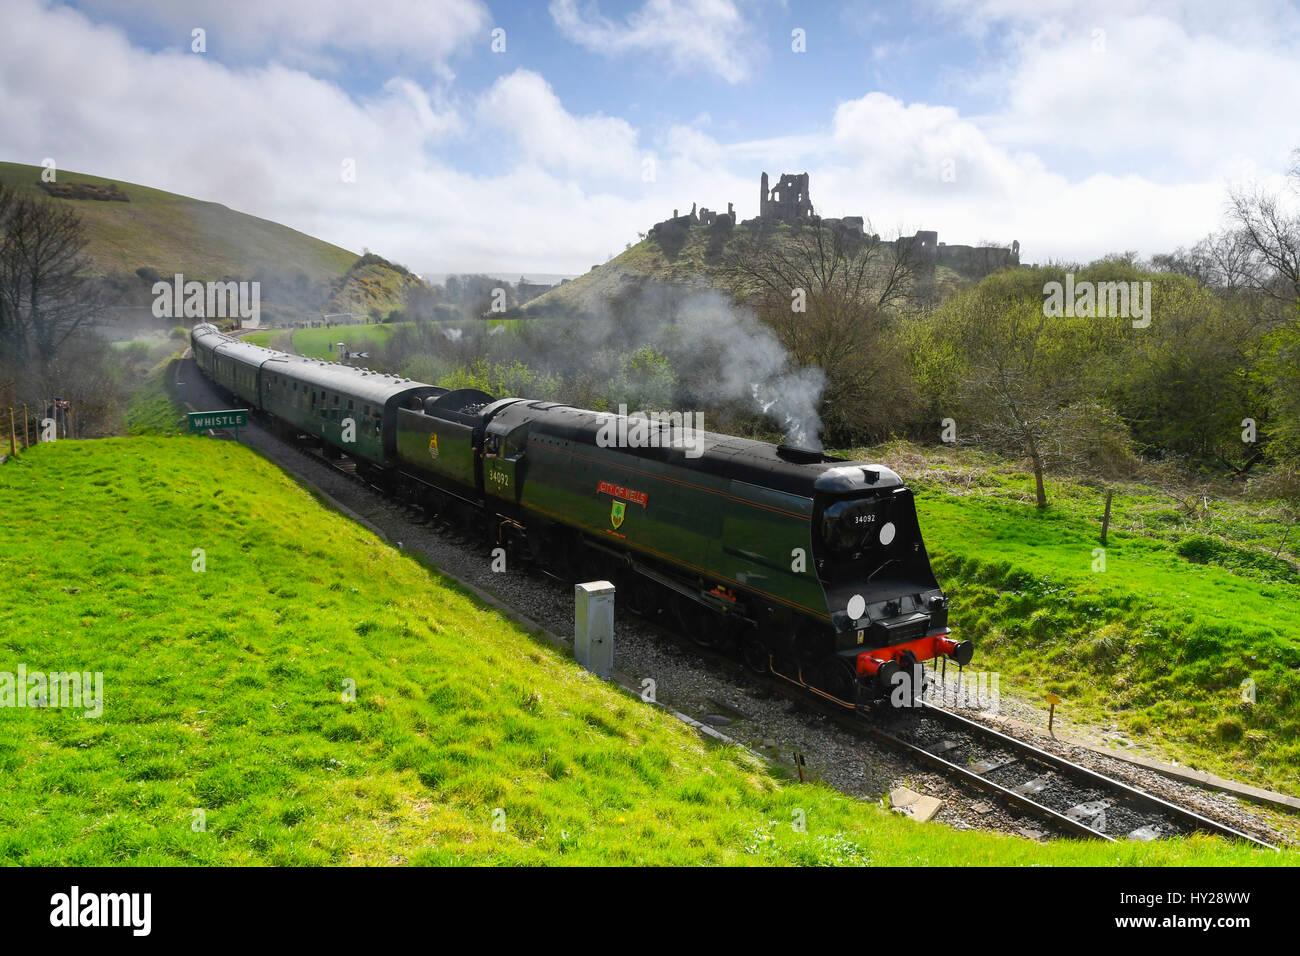 Corfe Castle, Dorset, Regno Unito. 31 Mar, 2017. La stazione ferroviaria di Swanage hosting di un vapore di gala Immagini Stock